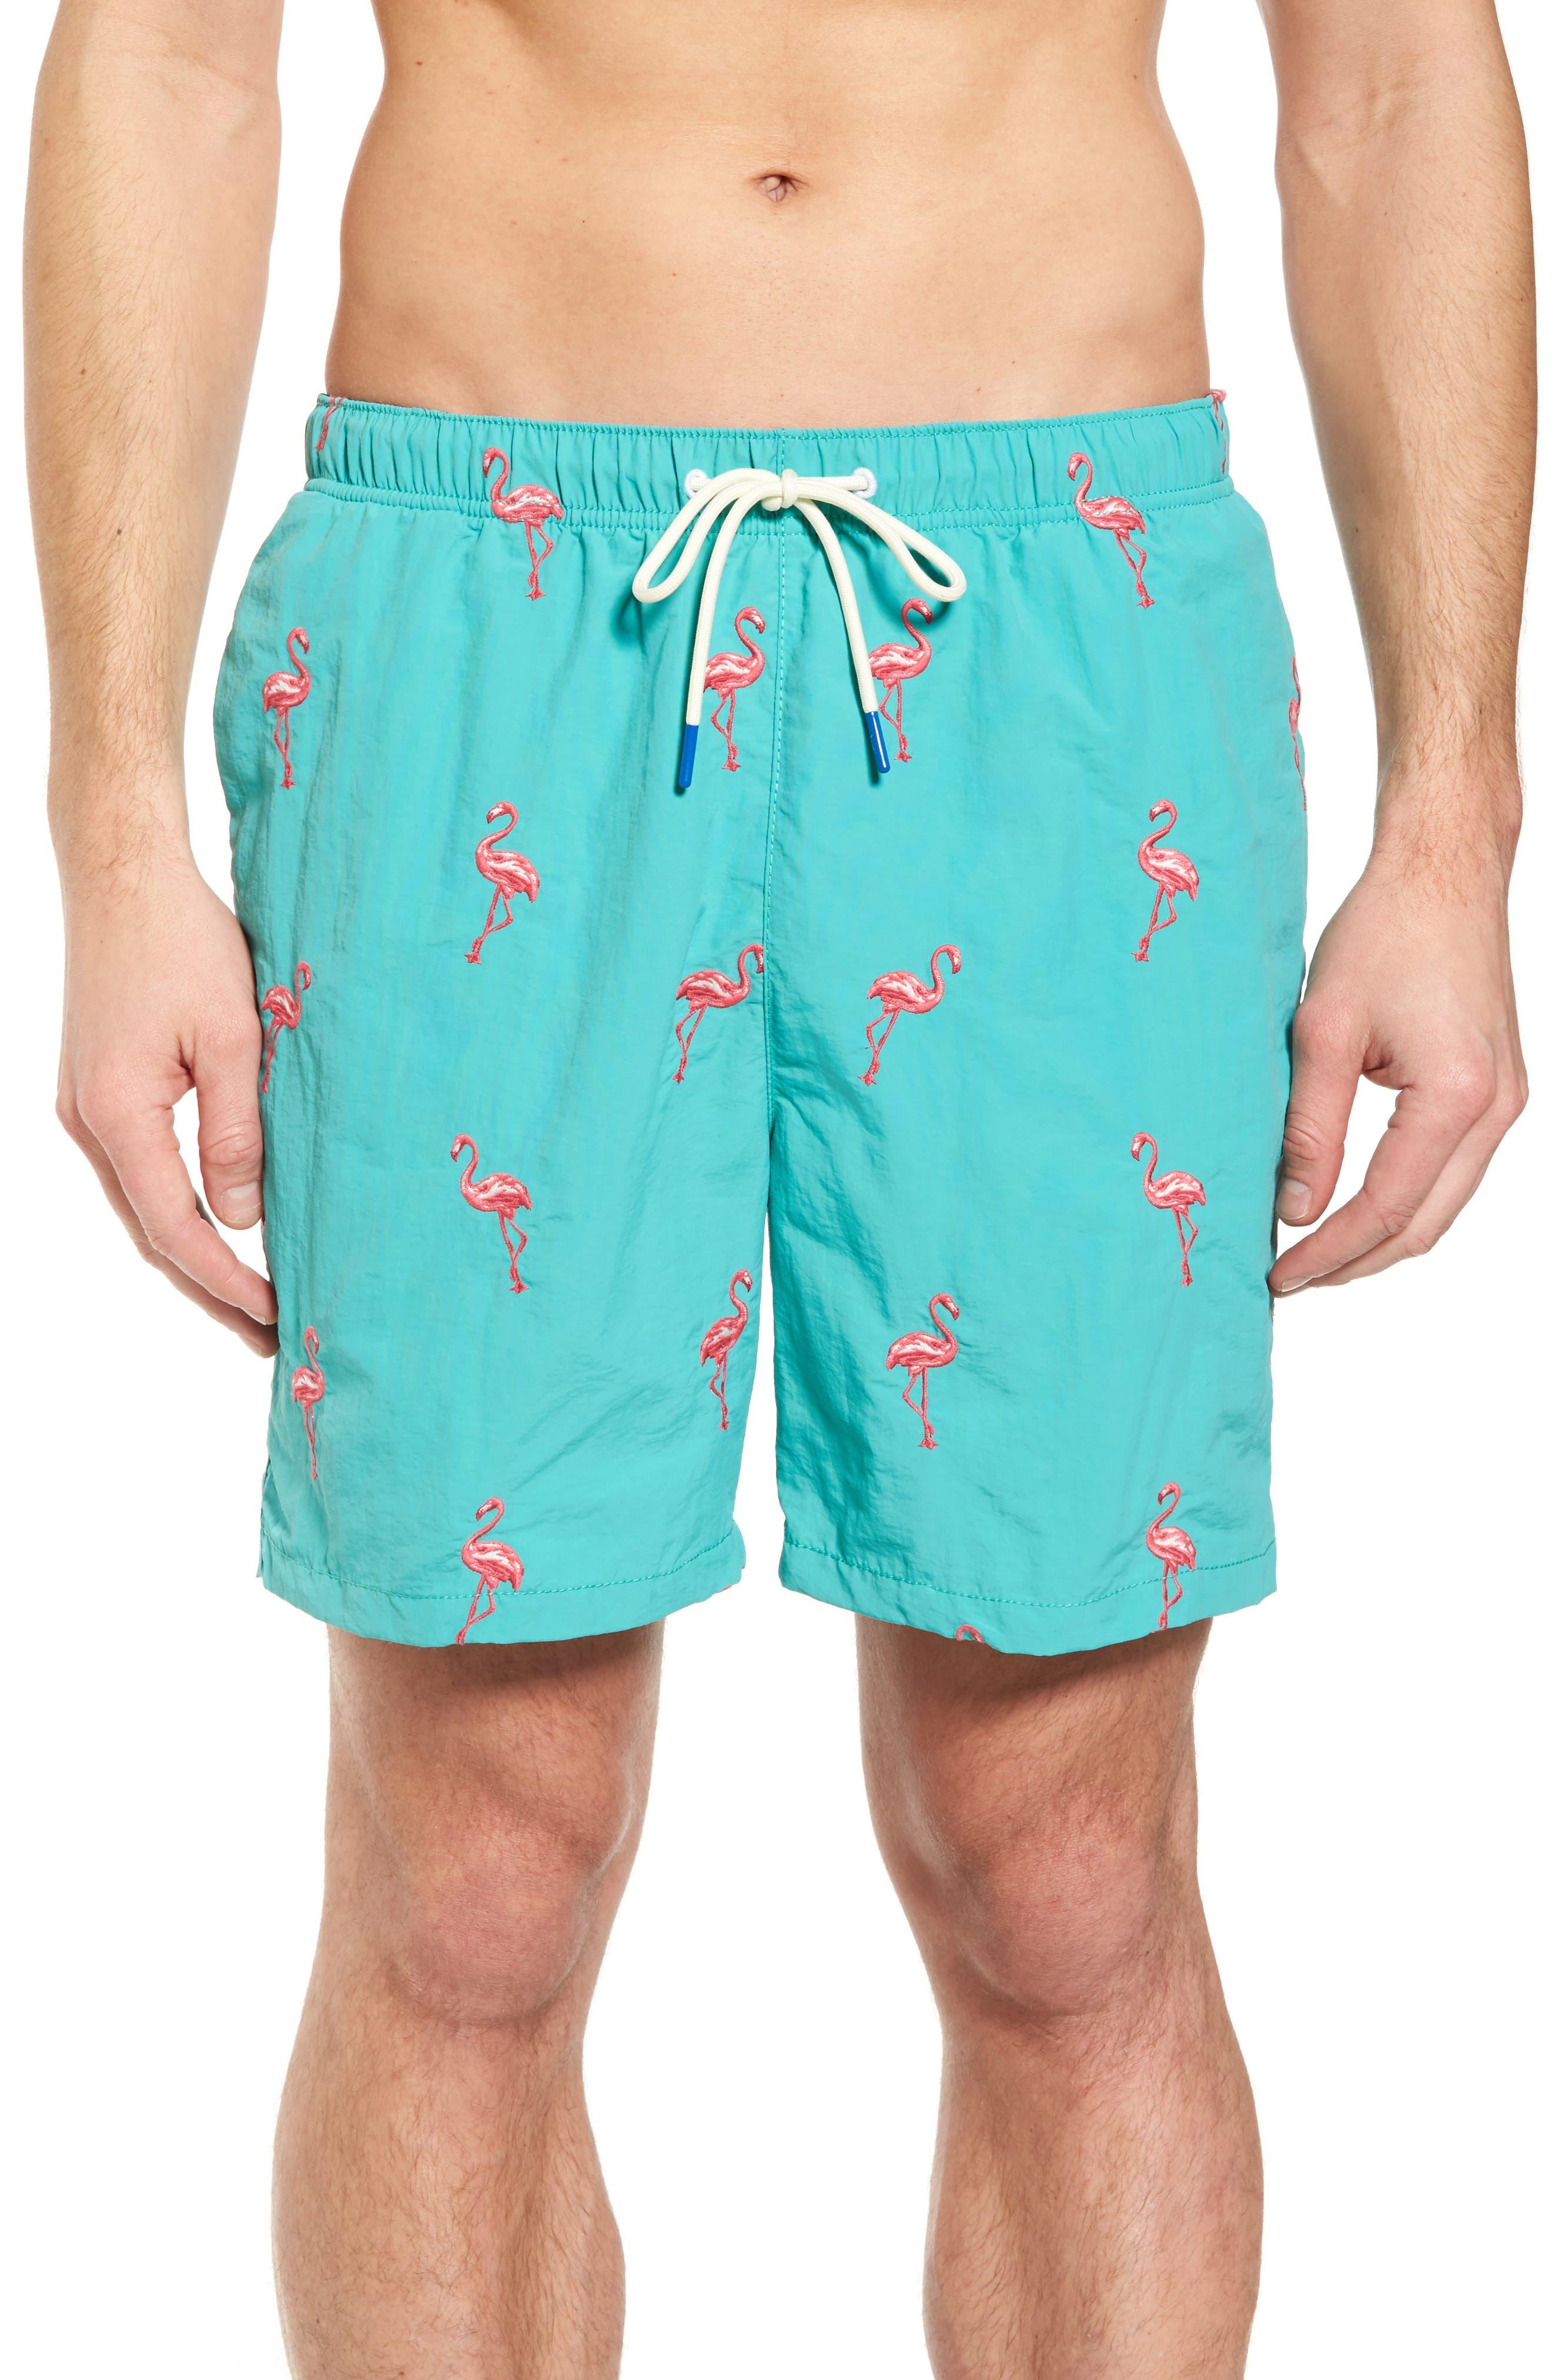 Naples Flamingo Coast Swim Trunks,                         Main,                         color, CASTAWAY GREEN